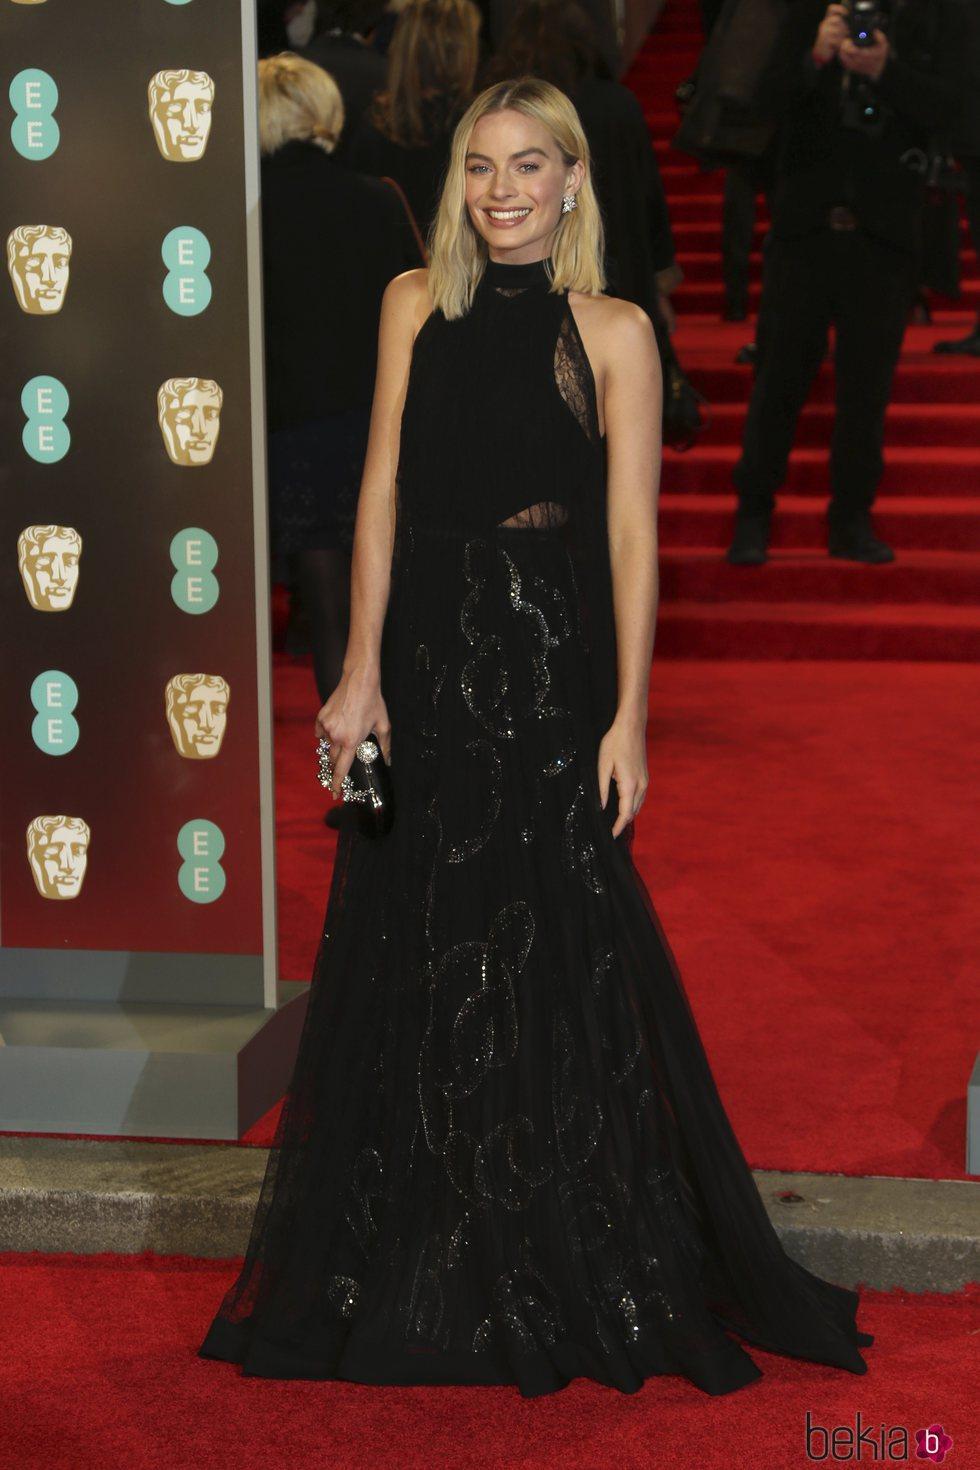 Margot Robbie en la alfombra roja de los Premios BAFTA 2018